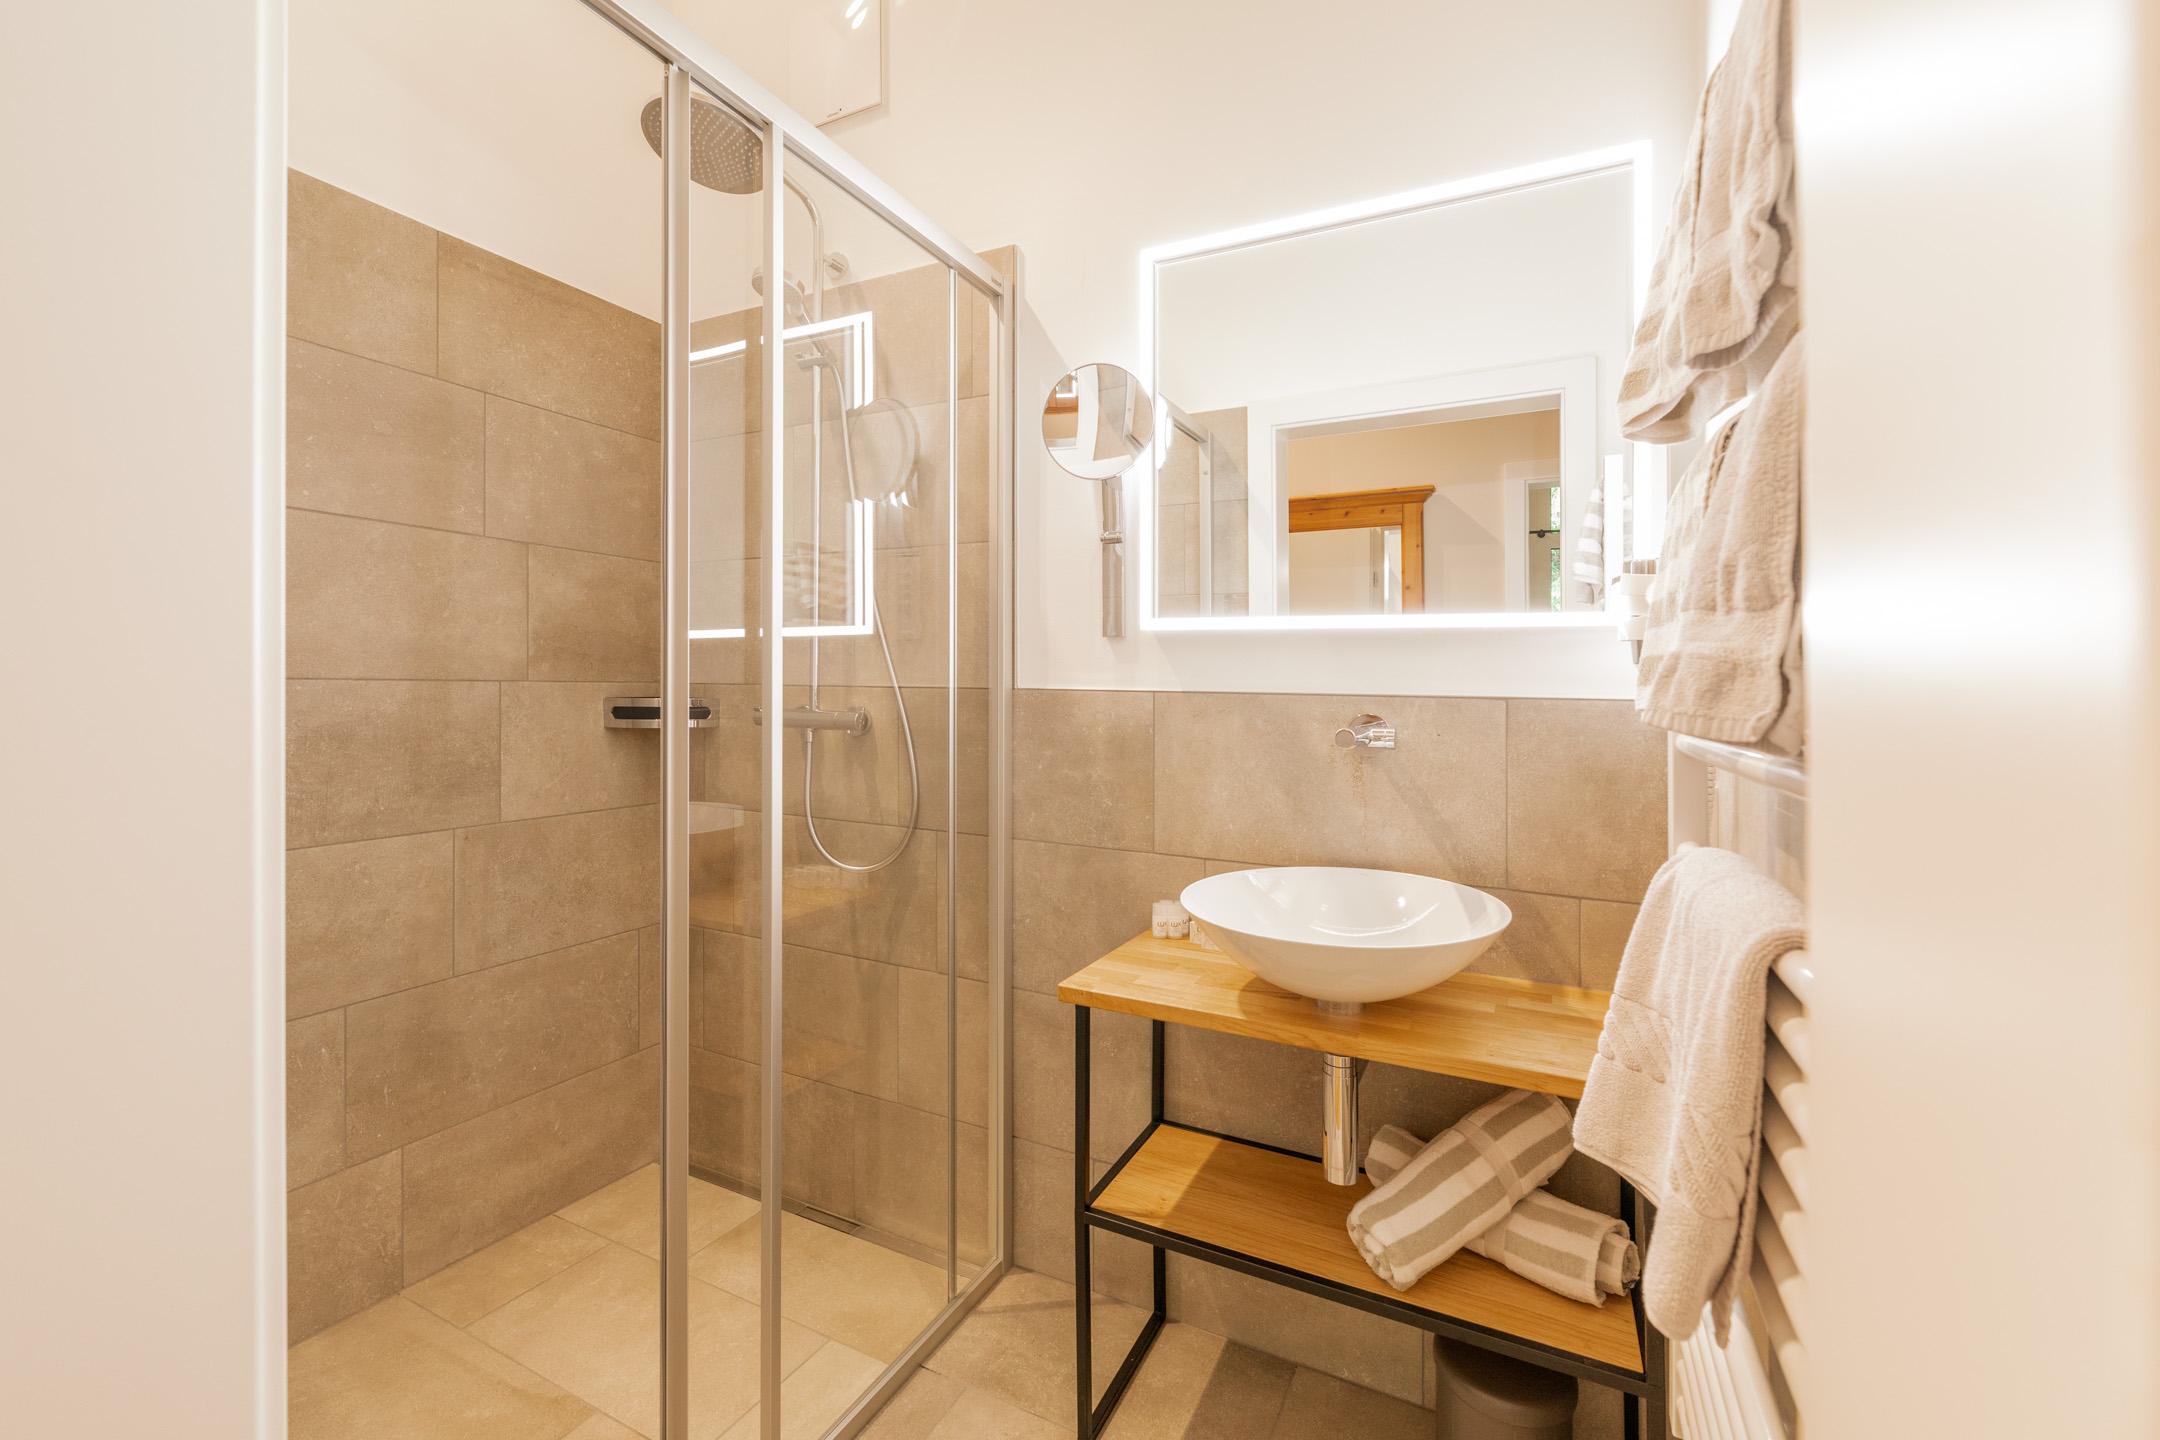 Das helle, moderne und neue Bad im Design Doppelzimmer Weitblicker im neuen Hotel Haus Jausern Saalbach